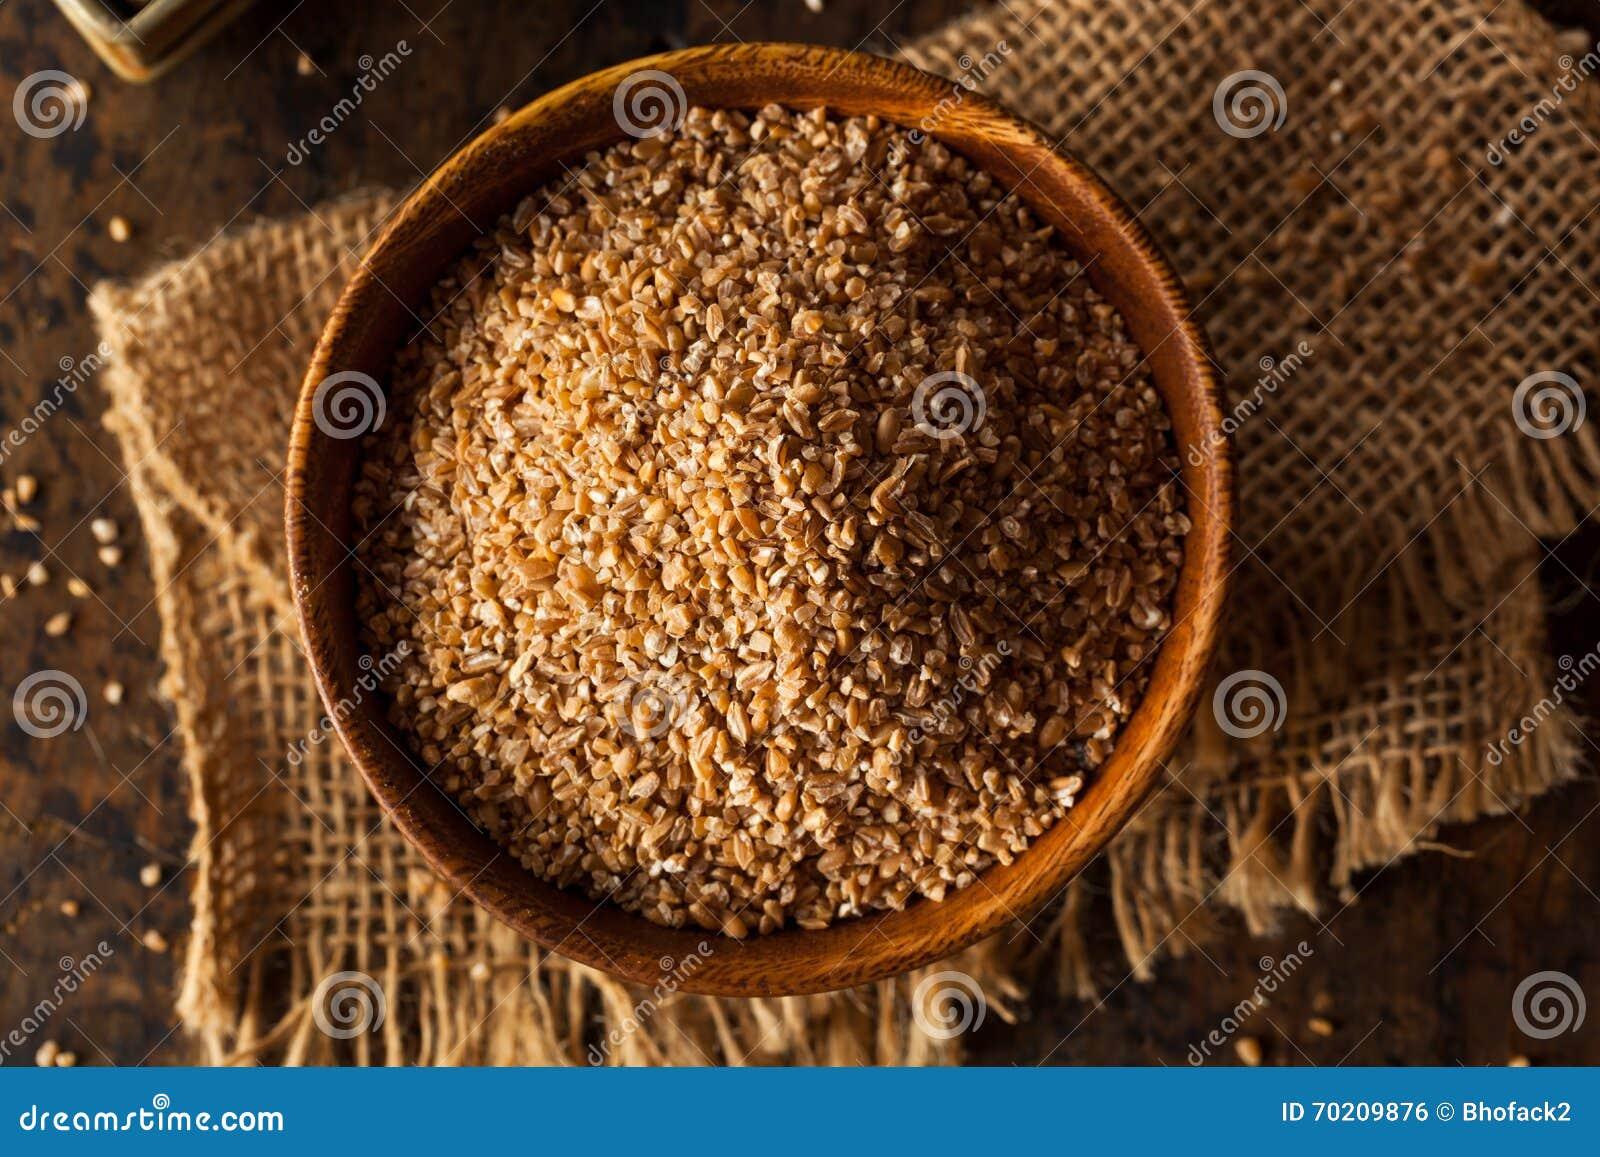 Ακατέργαστος οργανικός ολόκληρος ραγισμένος σιτάρι σίτος